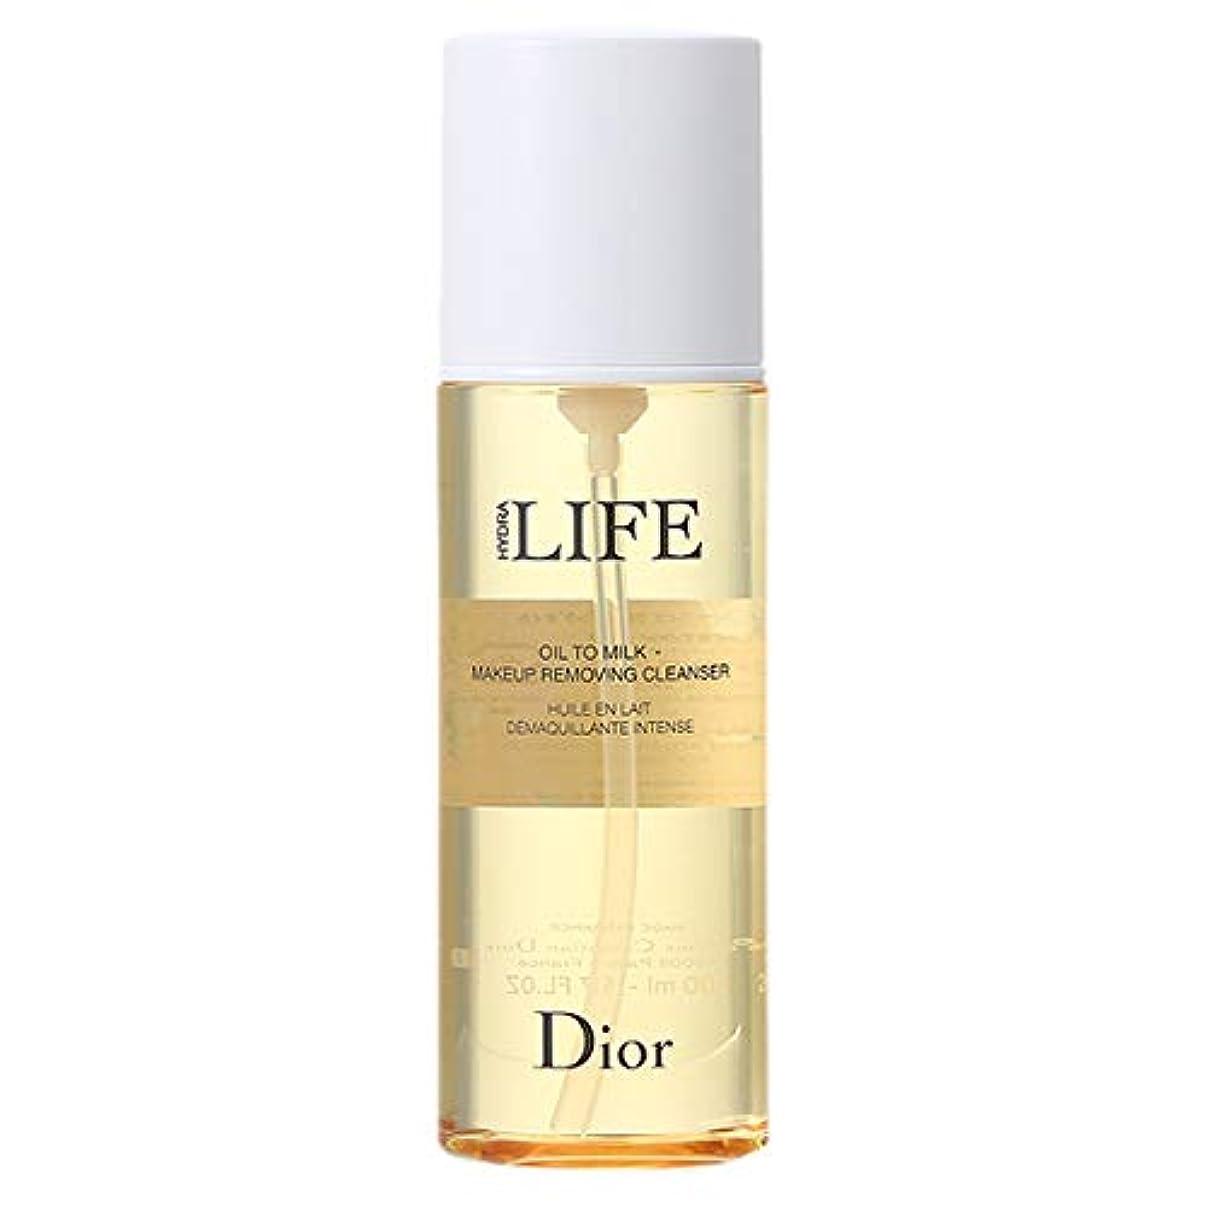 乱雑な化学ご近所クリスチャンディオール Christian Dior ライフ クレンジングオイル 200mL 【並行輸入品】